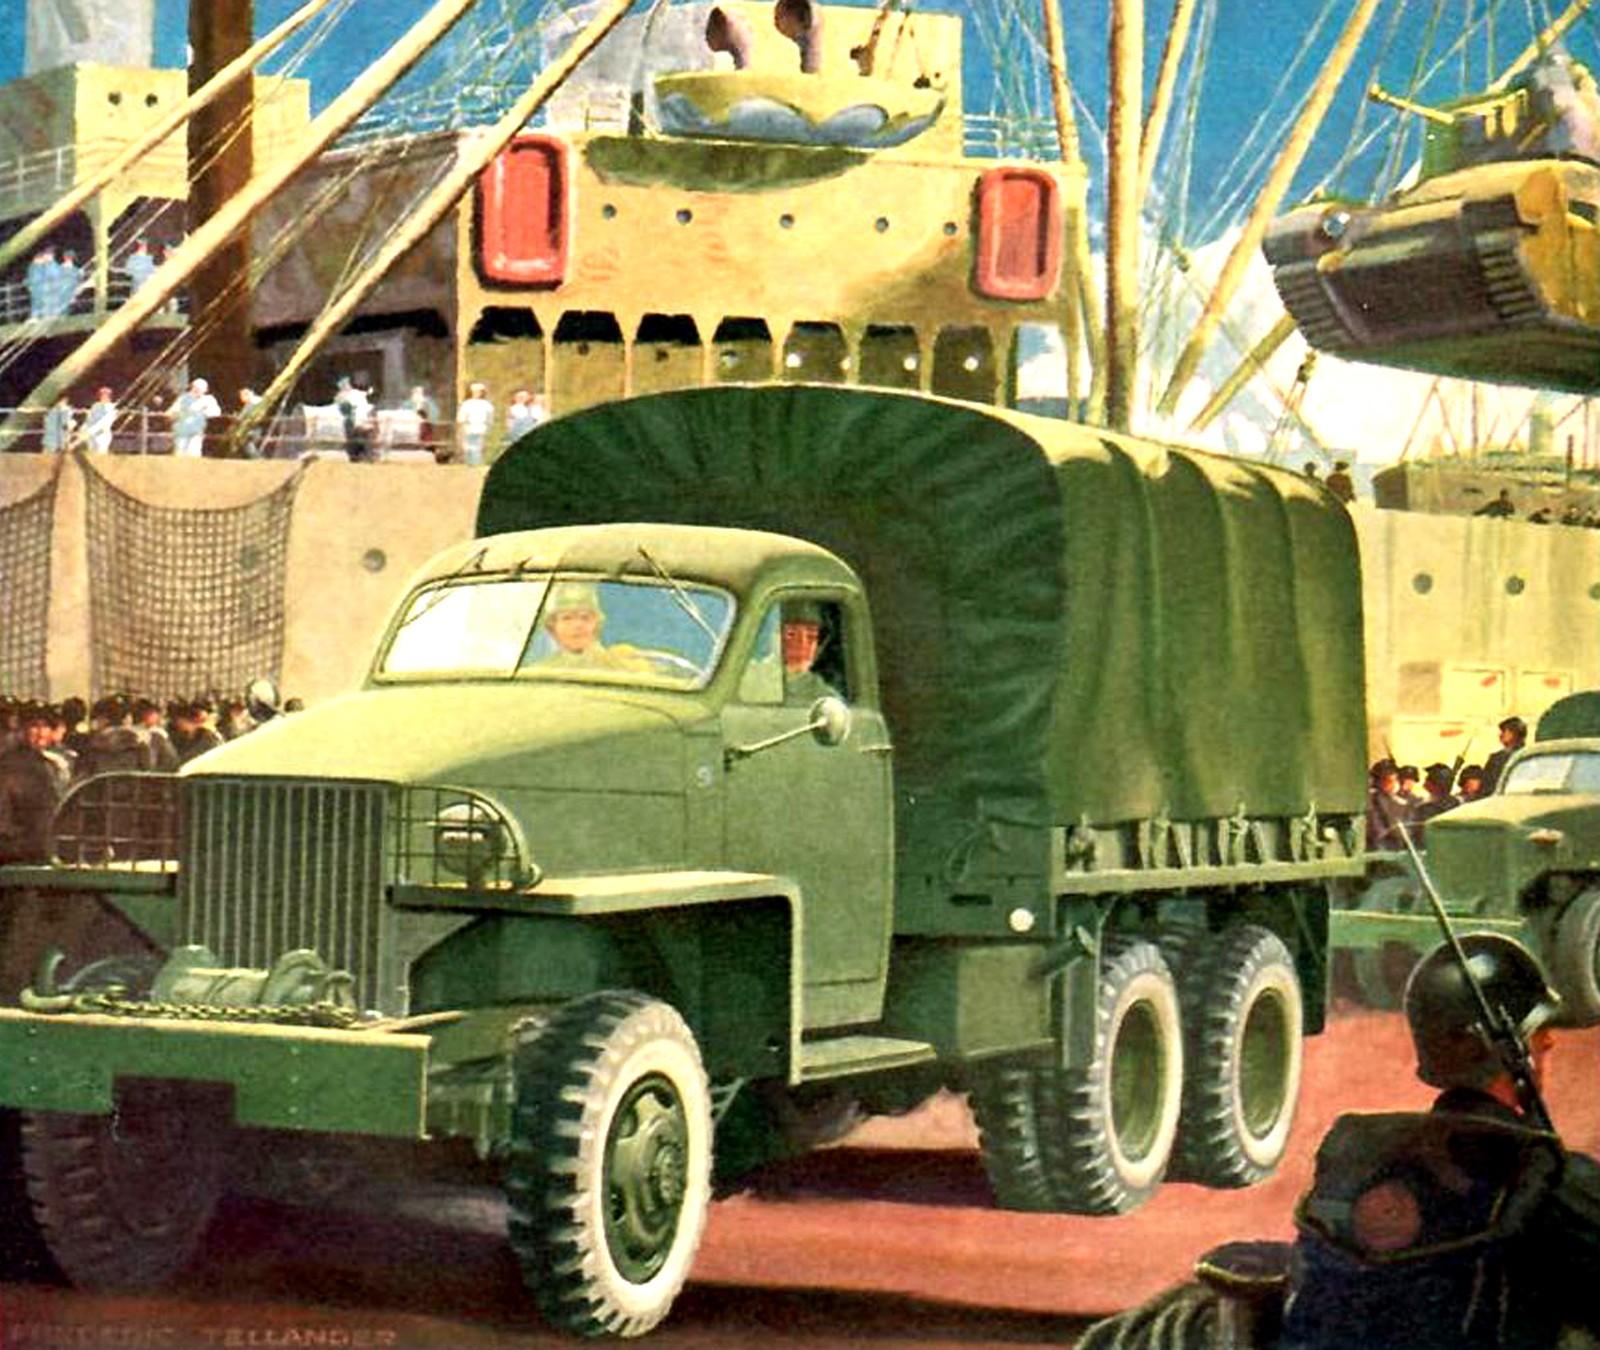 Американская картинка «Studebaker в борьбе за мир» из серии плакатов к 75-летию фирмы